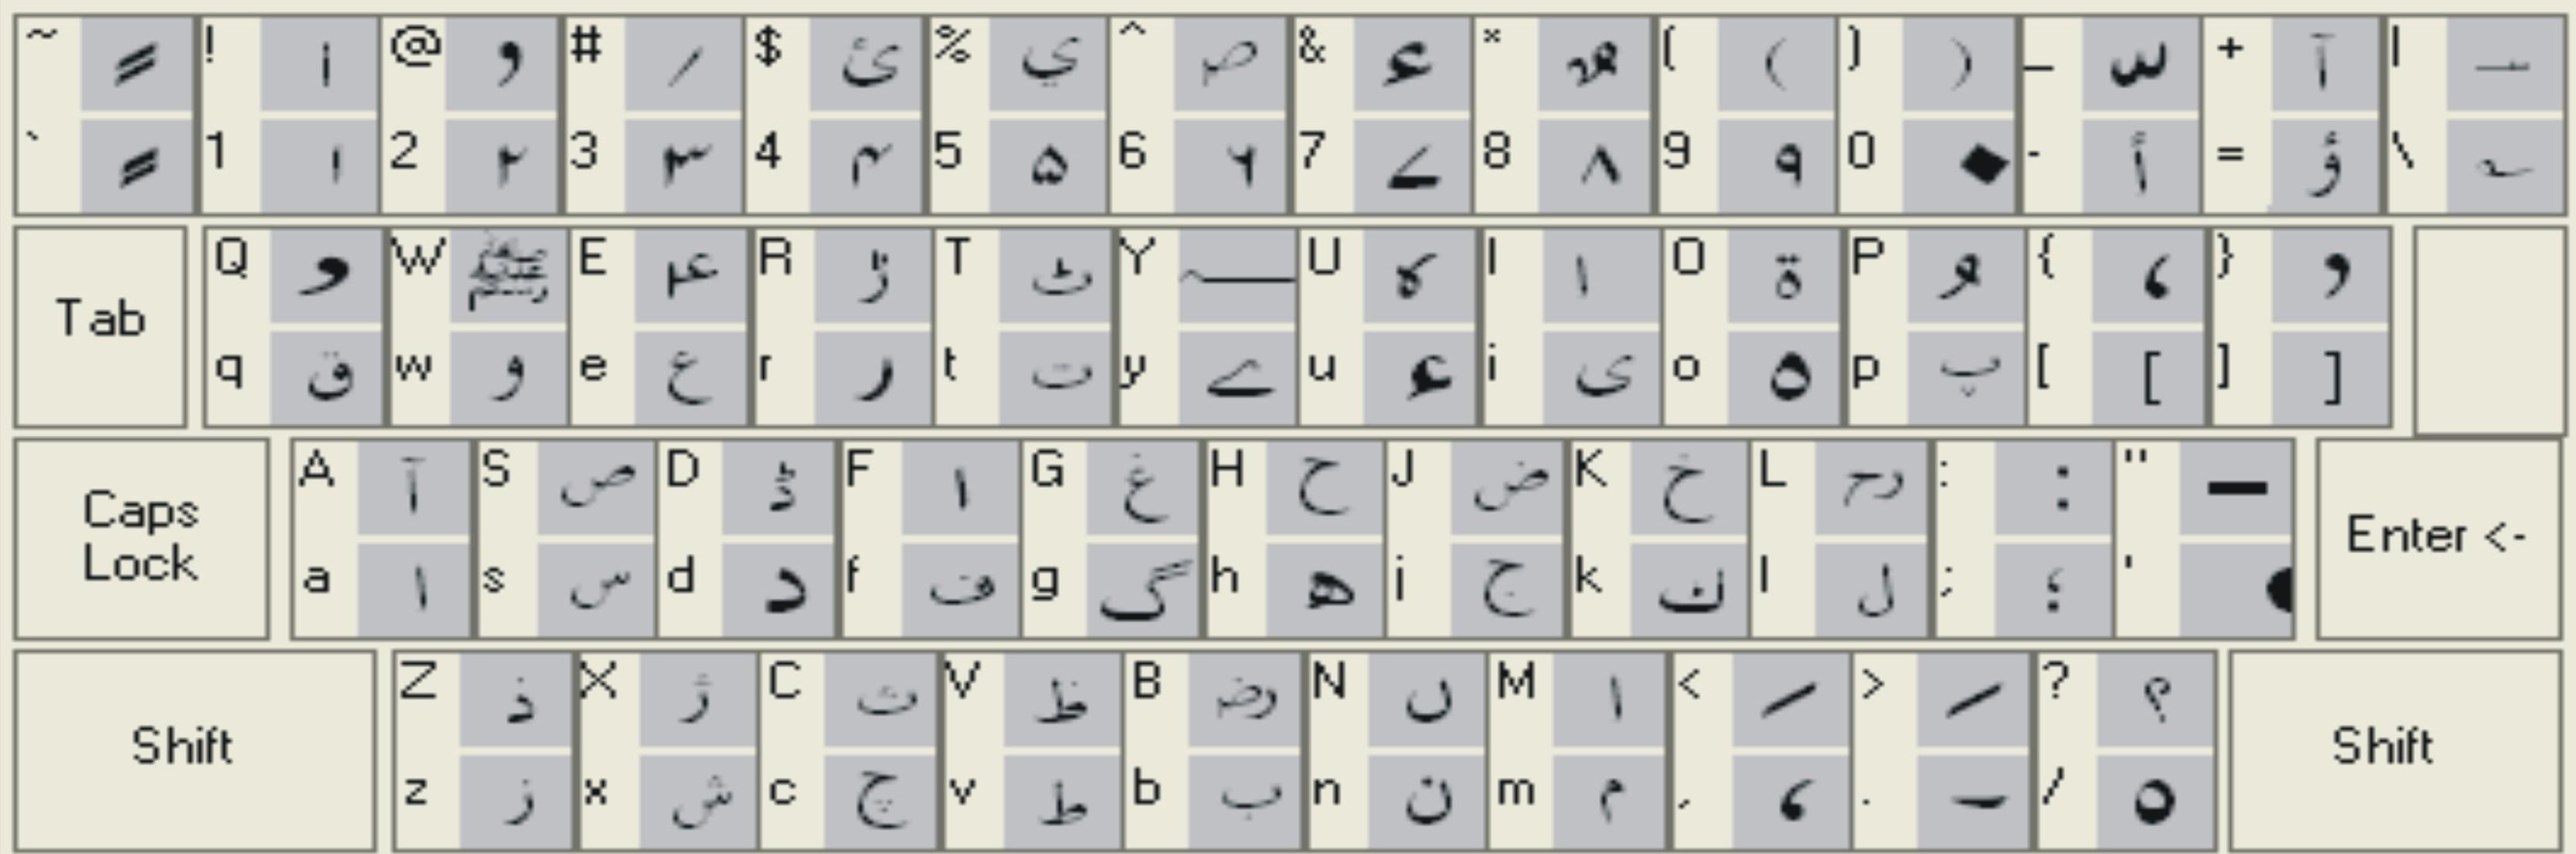 about urdu keyboard